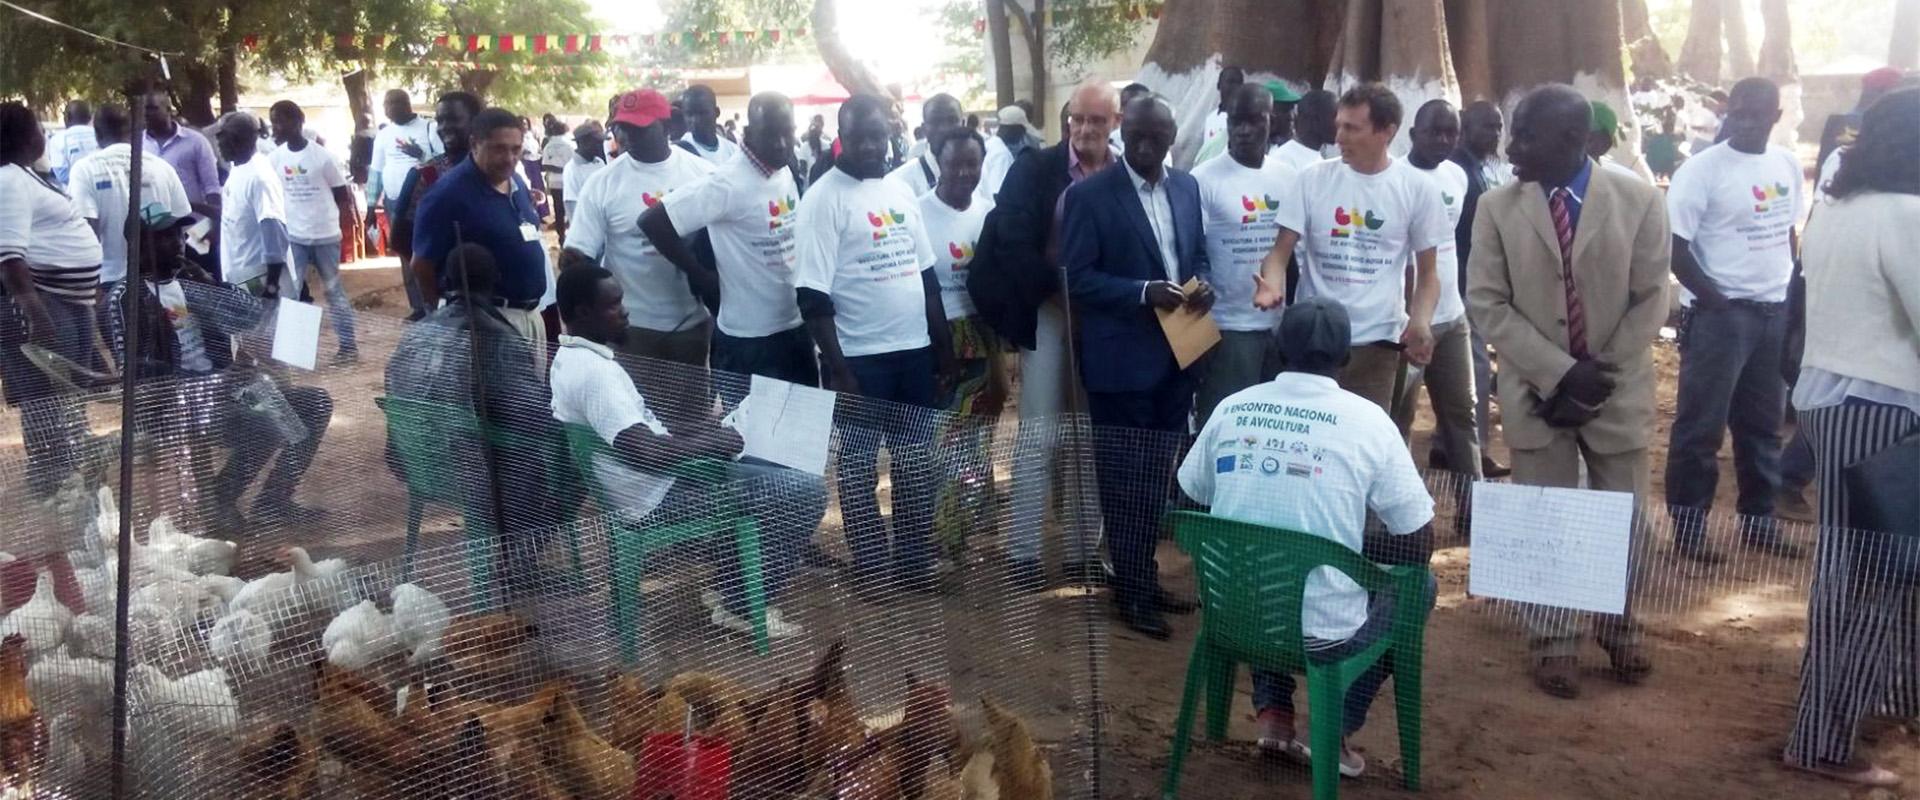 fiera avicoltura polli allevatori Guinea Bissau Mani Tese 2018